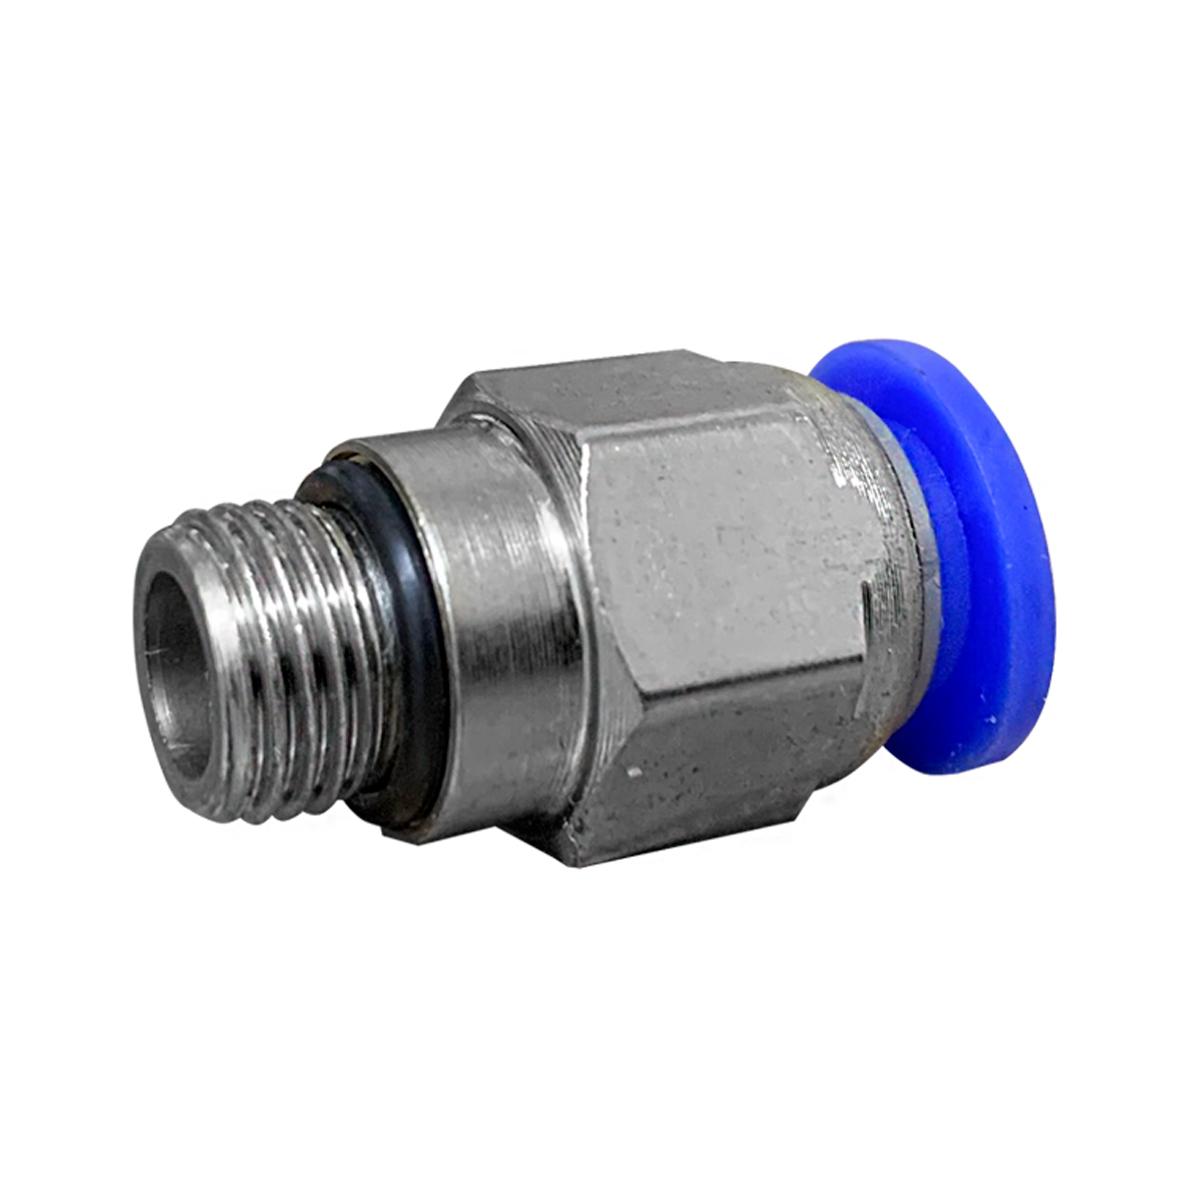 Conexão Engate Rápido Rosca Macho 1/4 X  Tubo PU 6mm 40pç